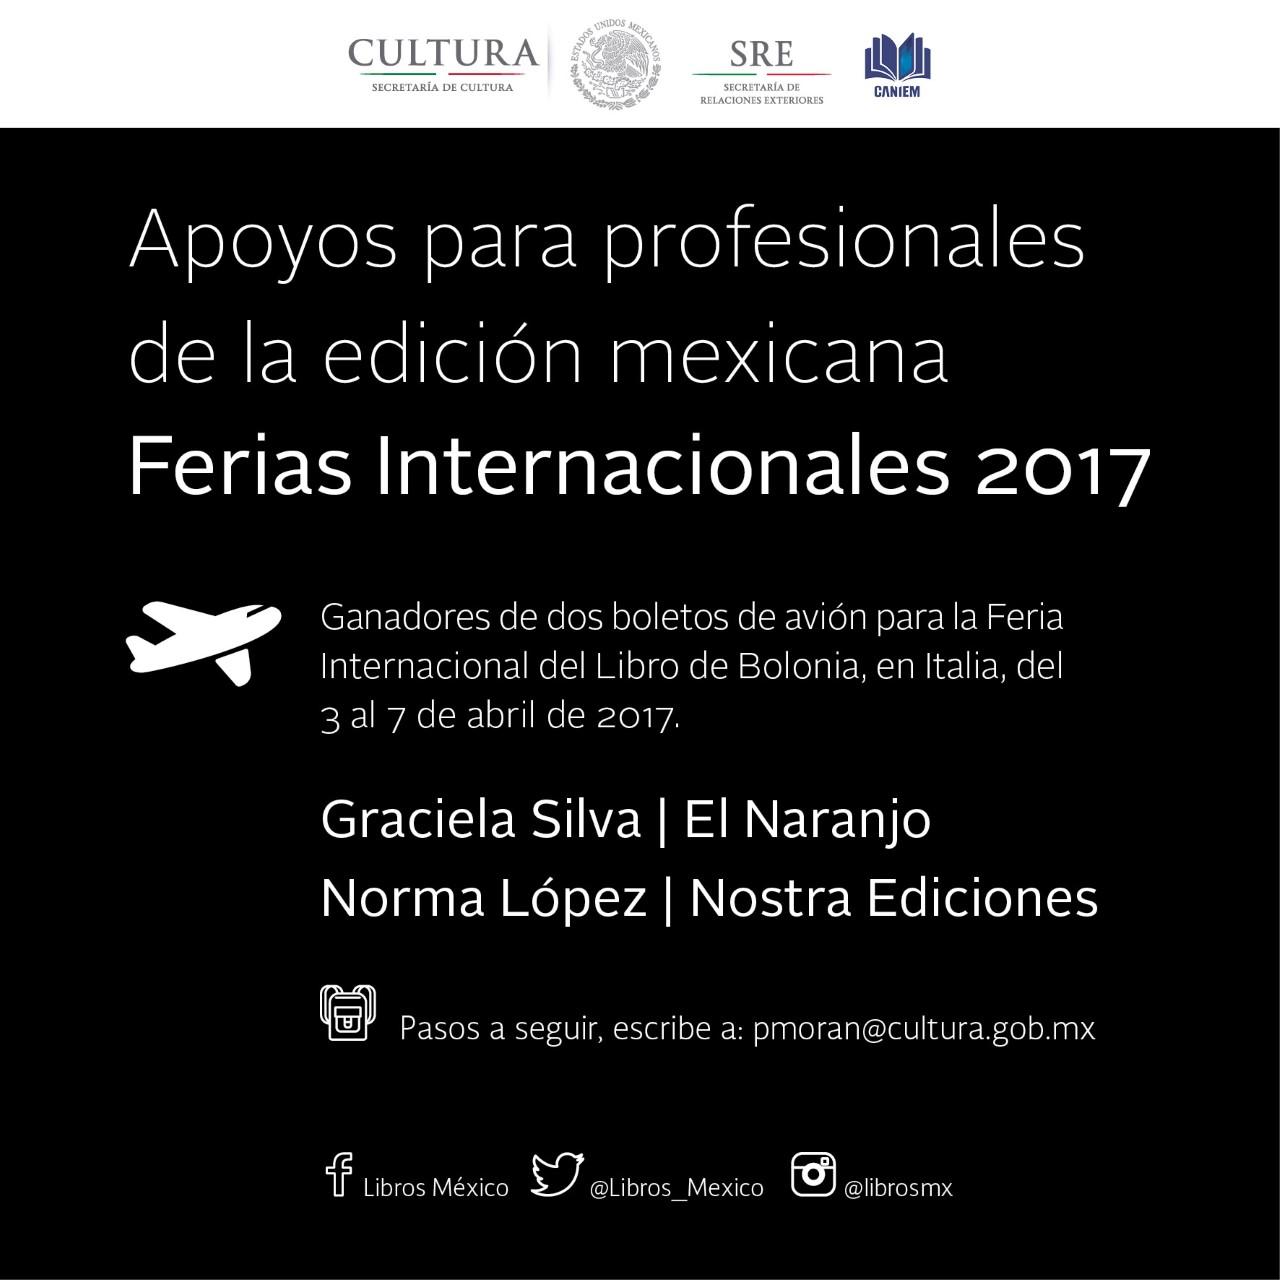 Resultados de la Convocatoria para la Feria Internacional del Libro de Bolonia